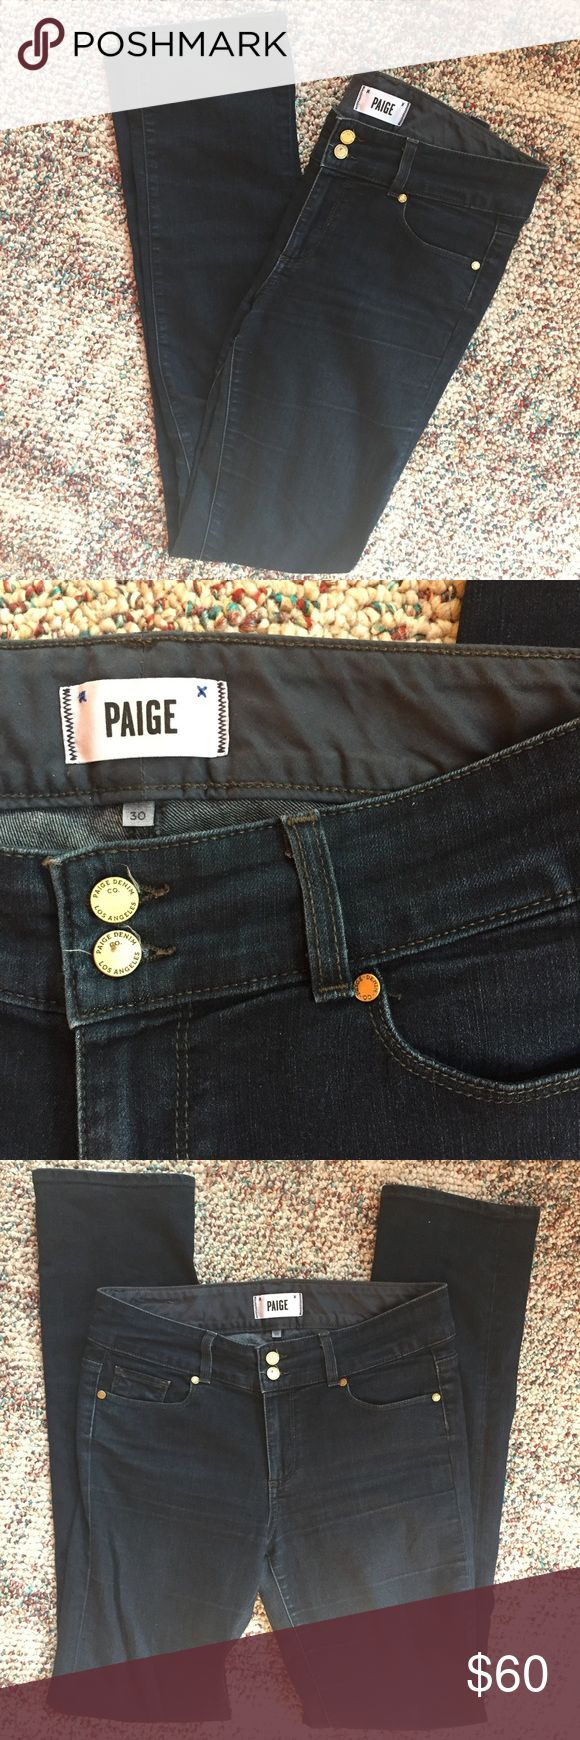 best hlače images on pinterest denim denim overalls and dungarees